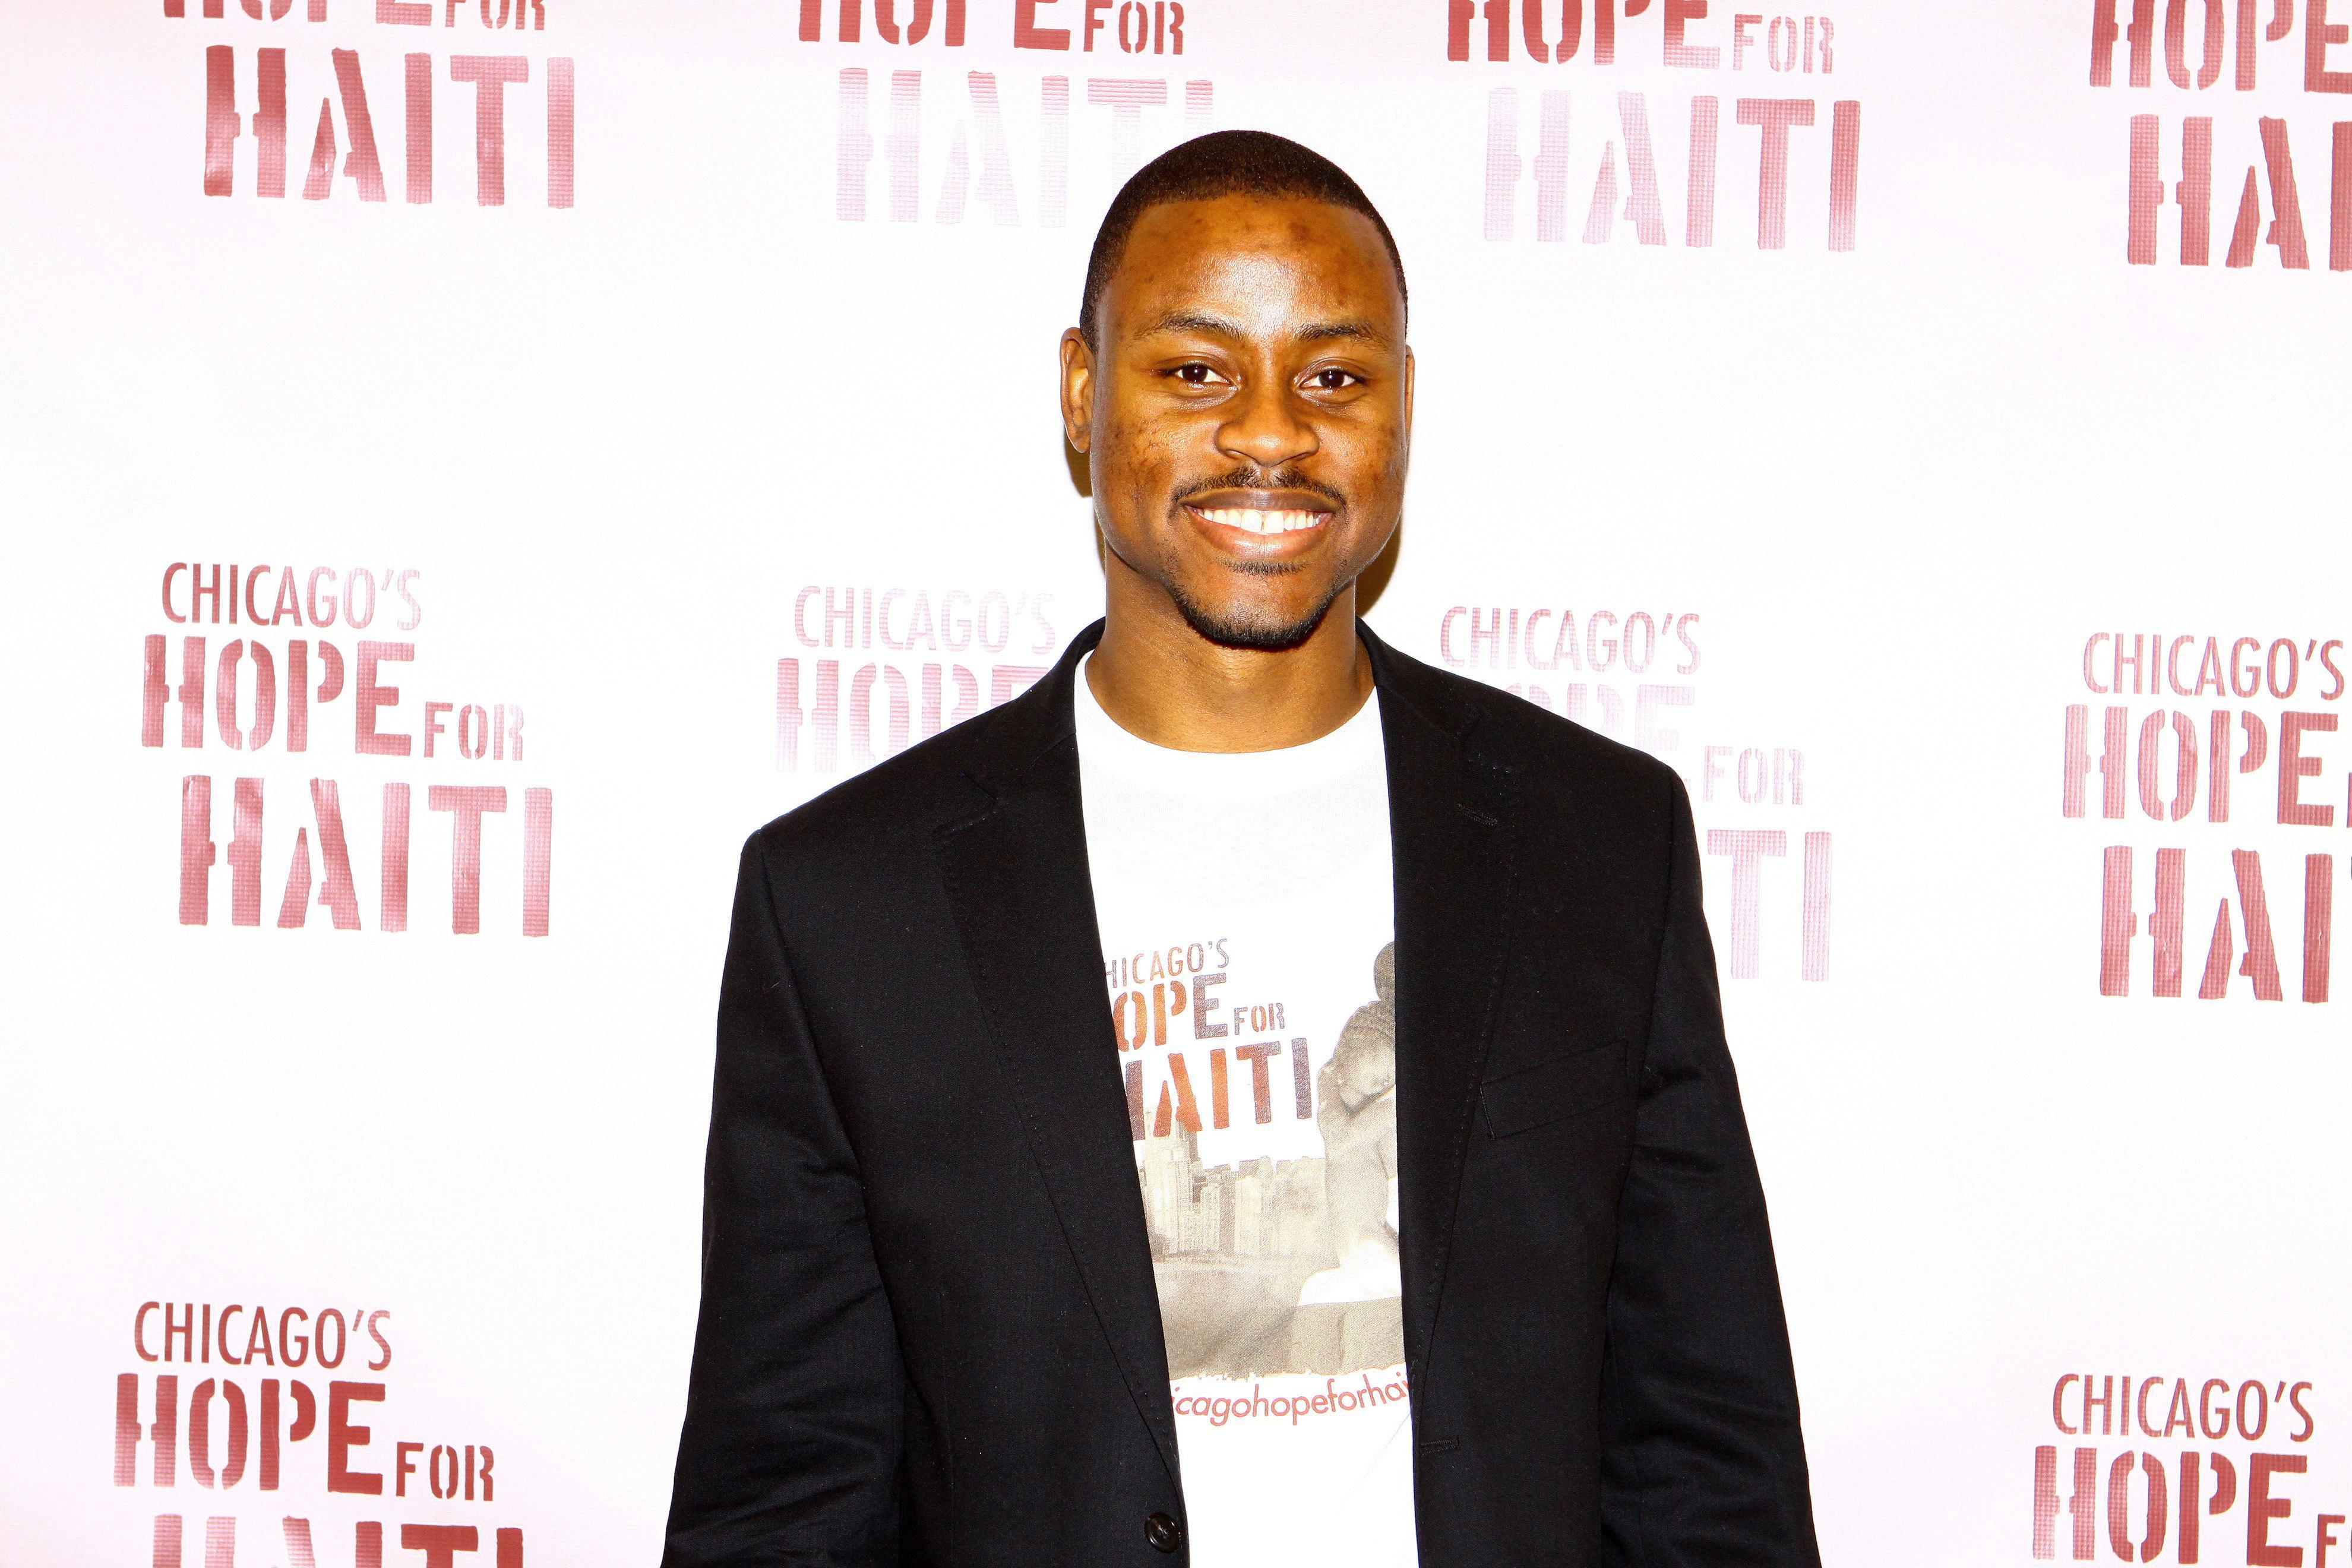 Chicago's Hope For Haiti